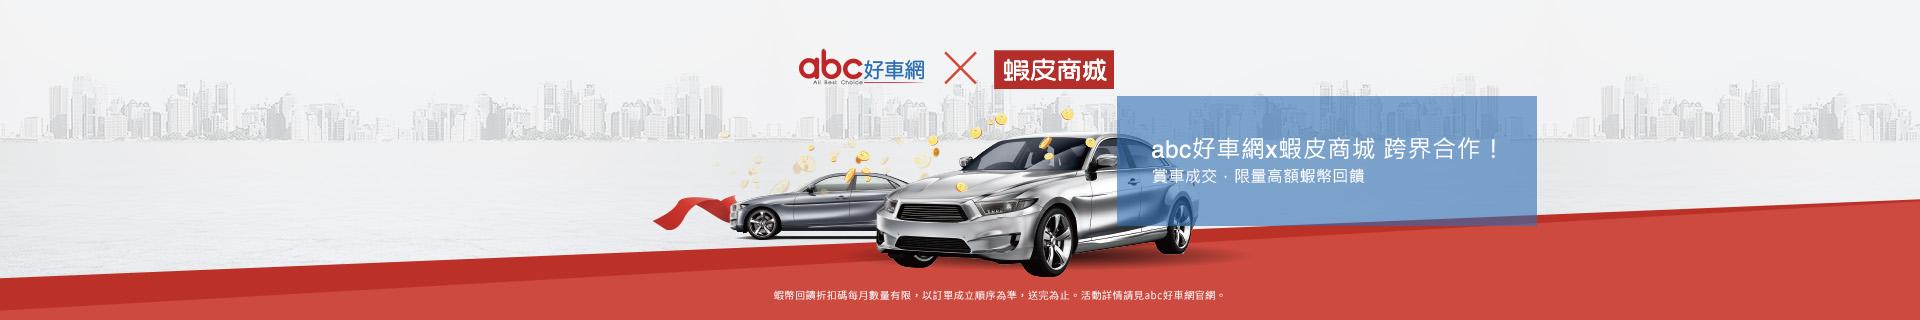 abc好車網x蝦皮商城 跨界合作! 賞車成交,限量高額蝦幣回饋